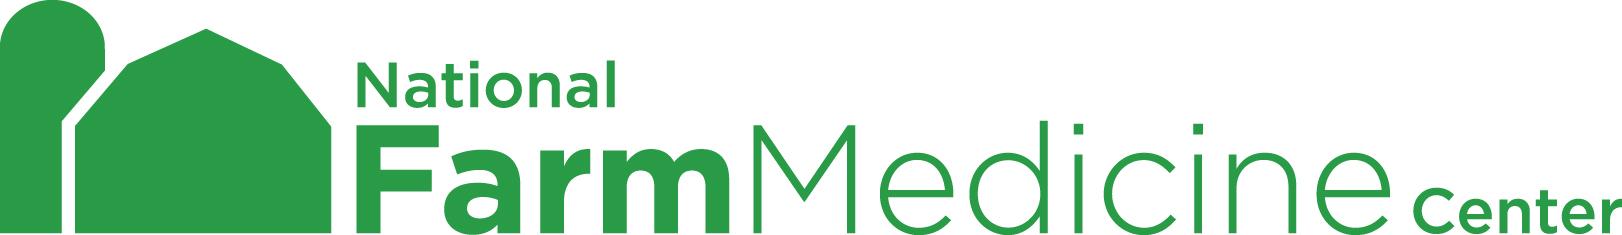 National Farm Medicine Center Logo